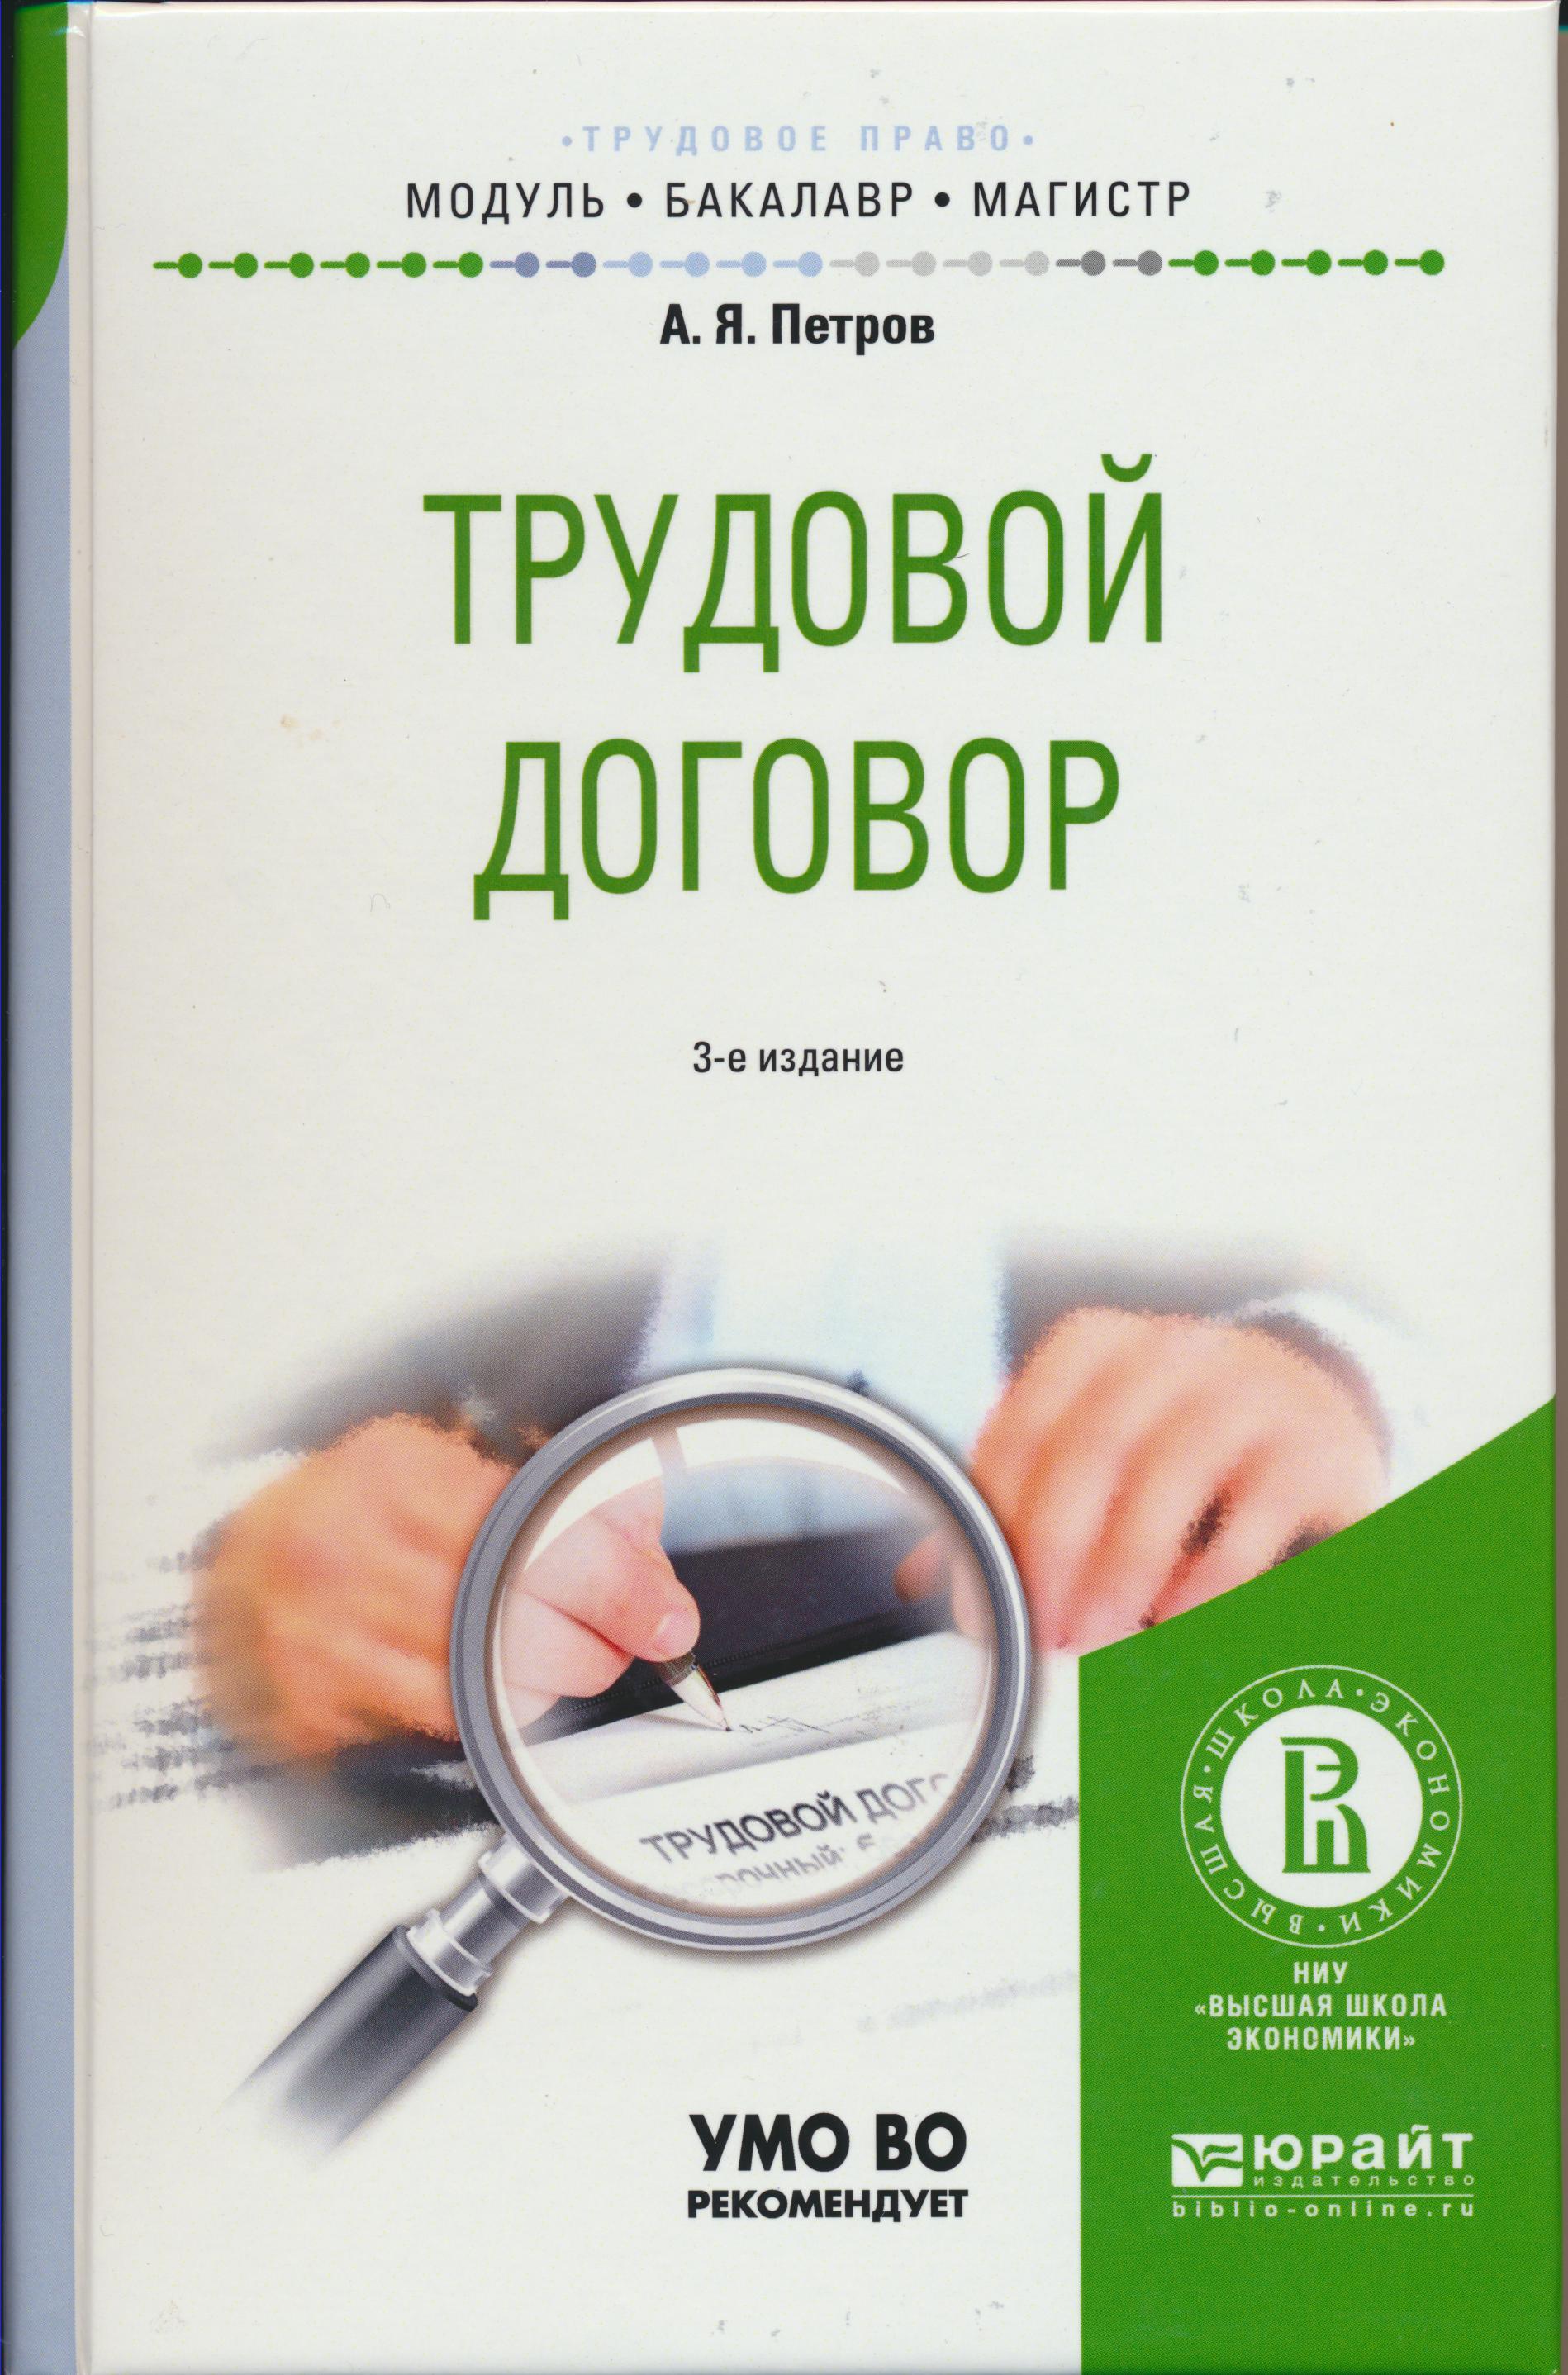 Трудовой договор. Учебно-практическое пособие для ВУЗов. 3-е издание, 2017